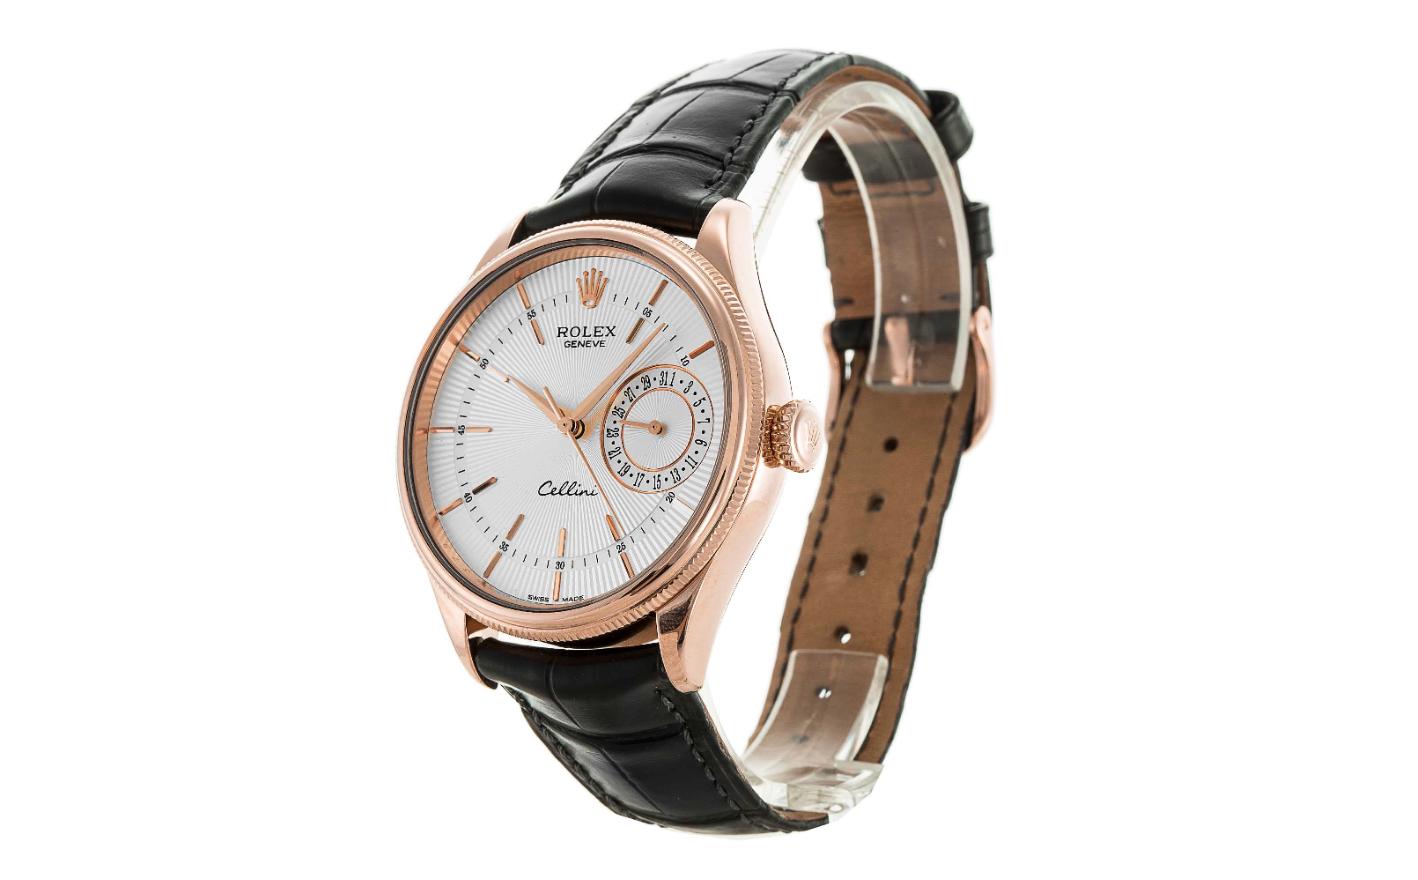 PAUSE Picks: Top 5 Rolex Watches Under $2500